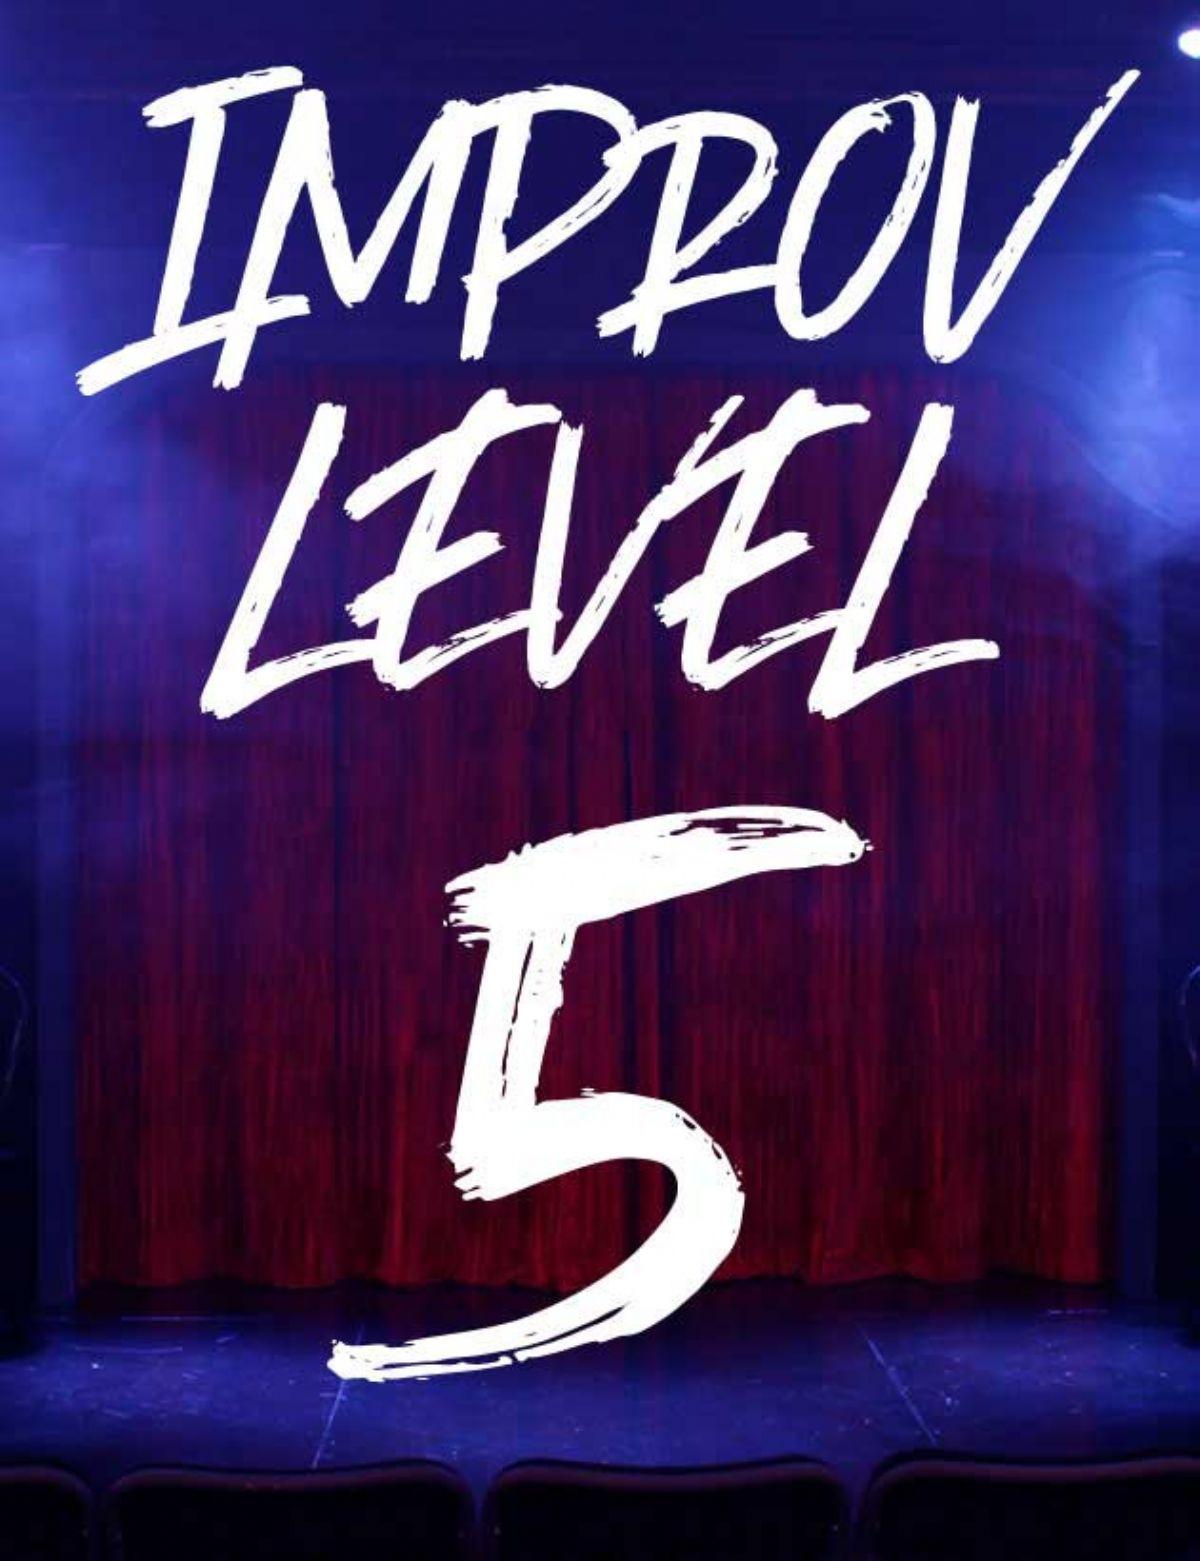 CLASS: Improv Level 5 w/ Patrick, Tuesdays (2020-3)